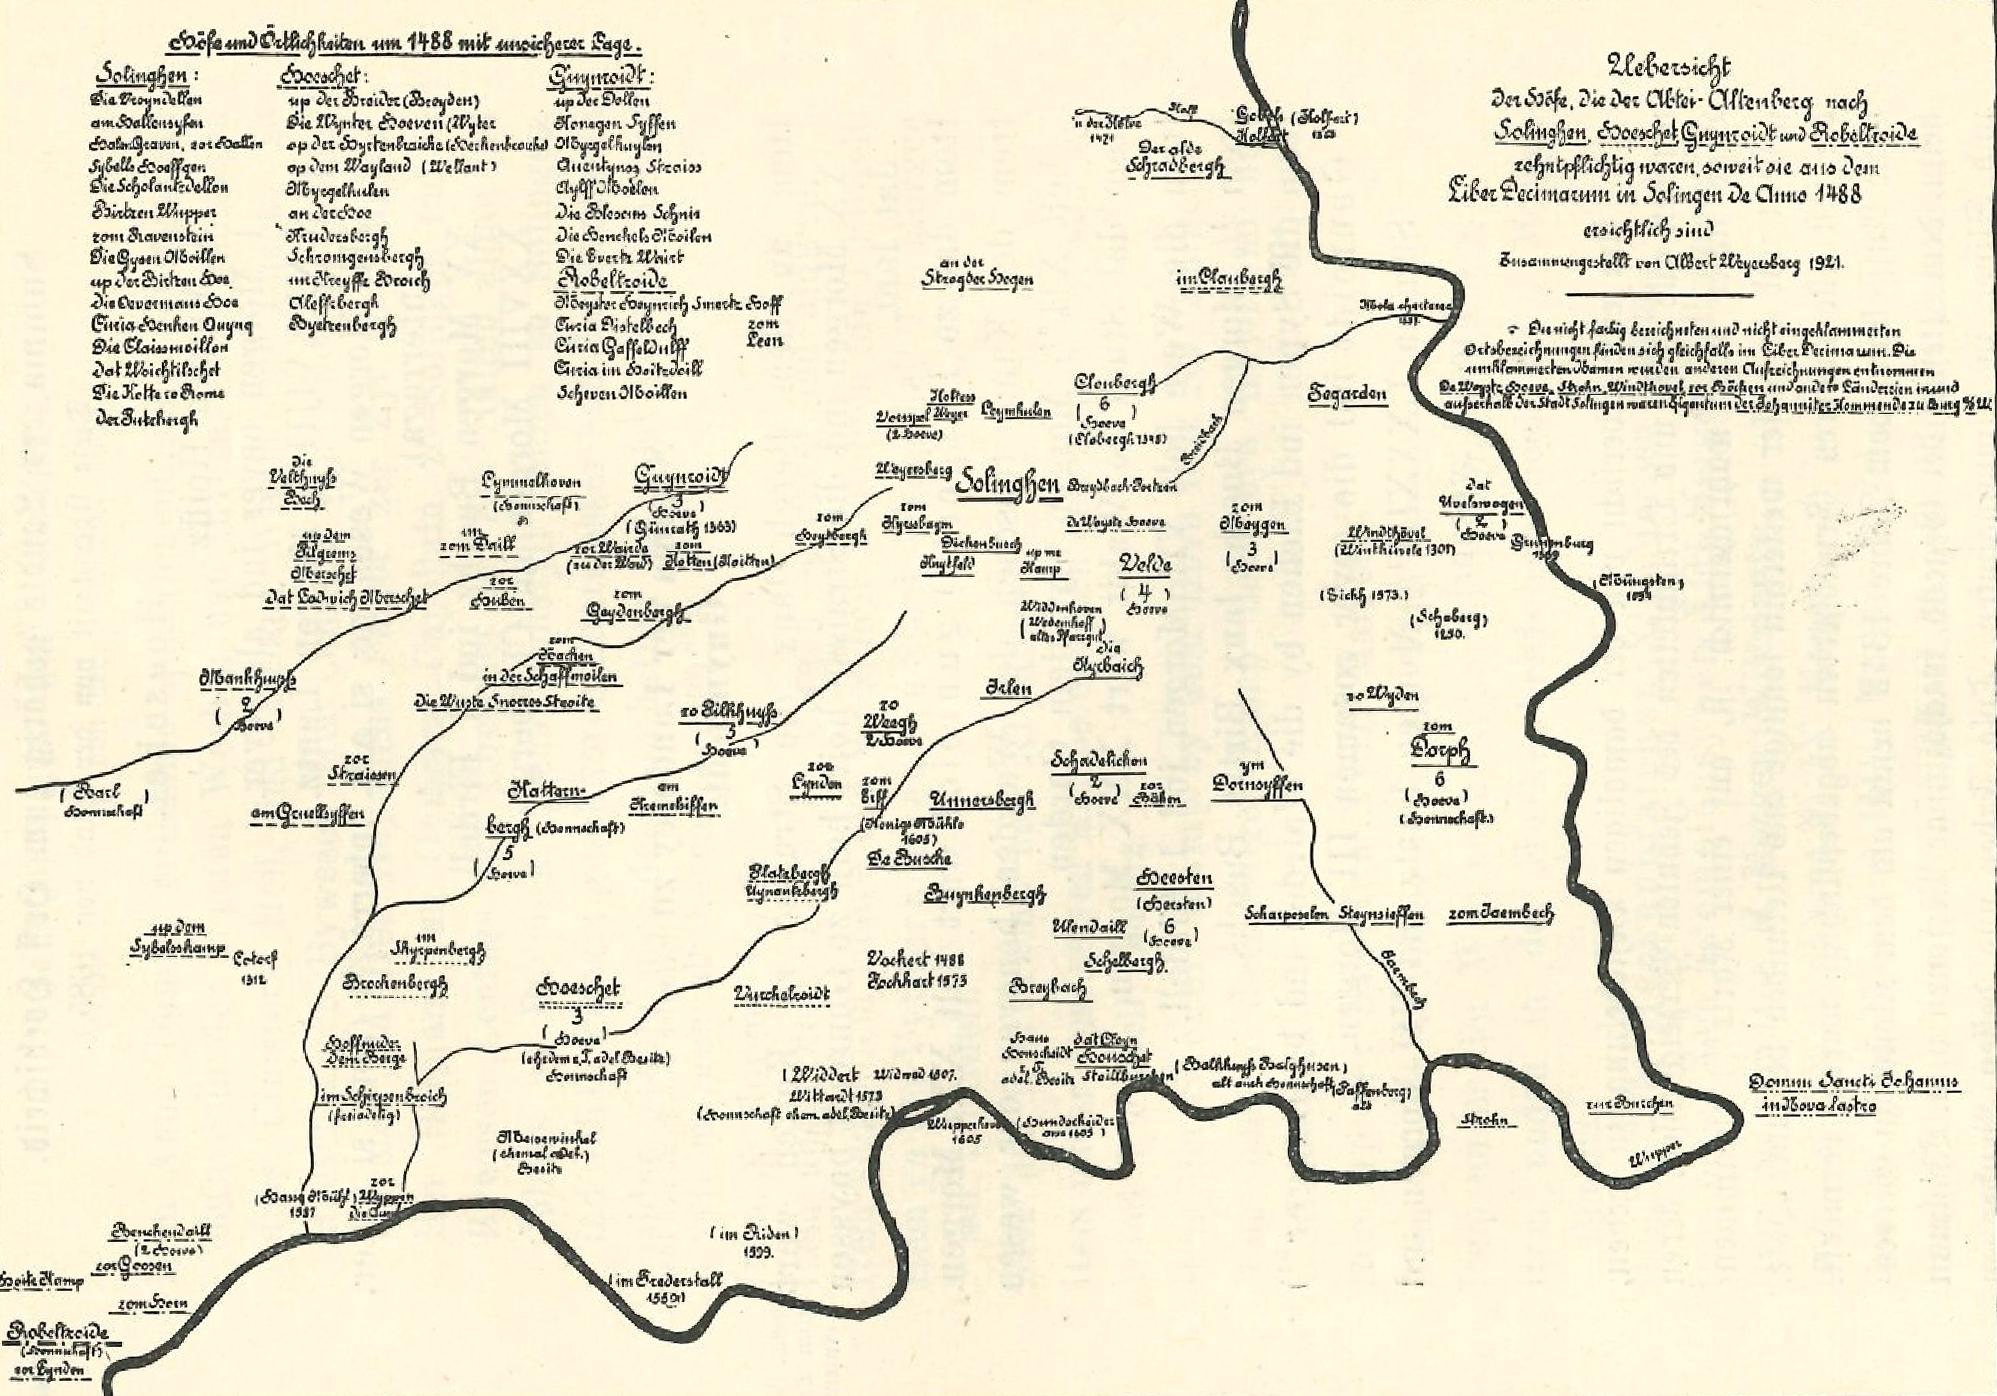 Übersicht der Solinger Höfe und Örtlichkeiten um 1488